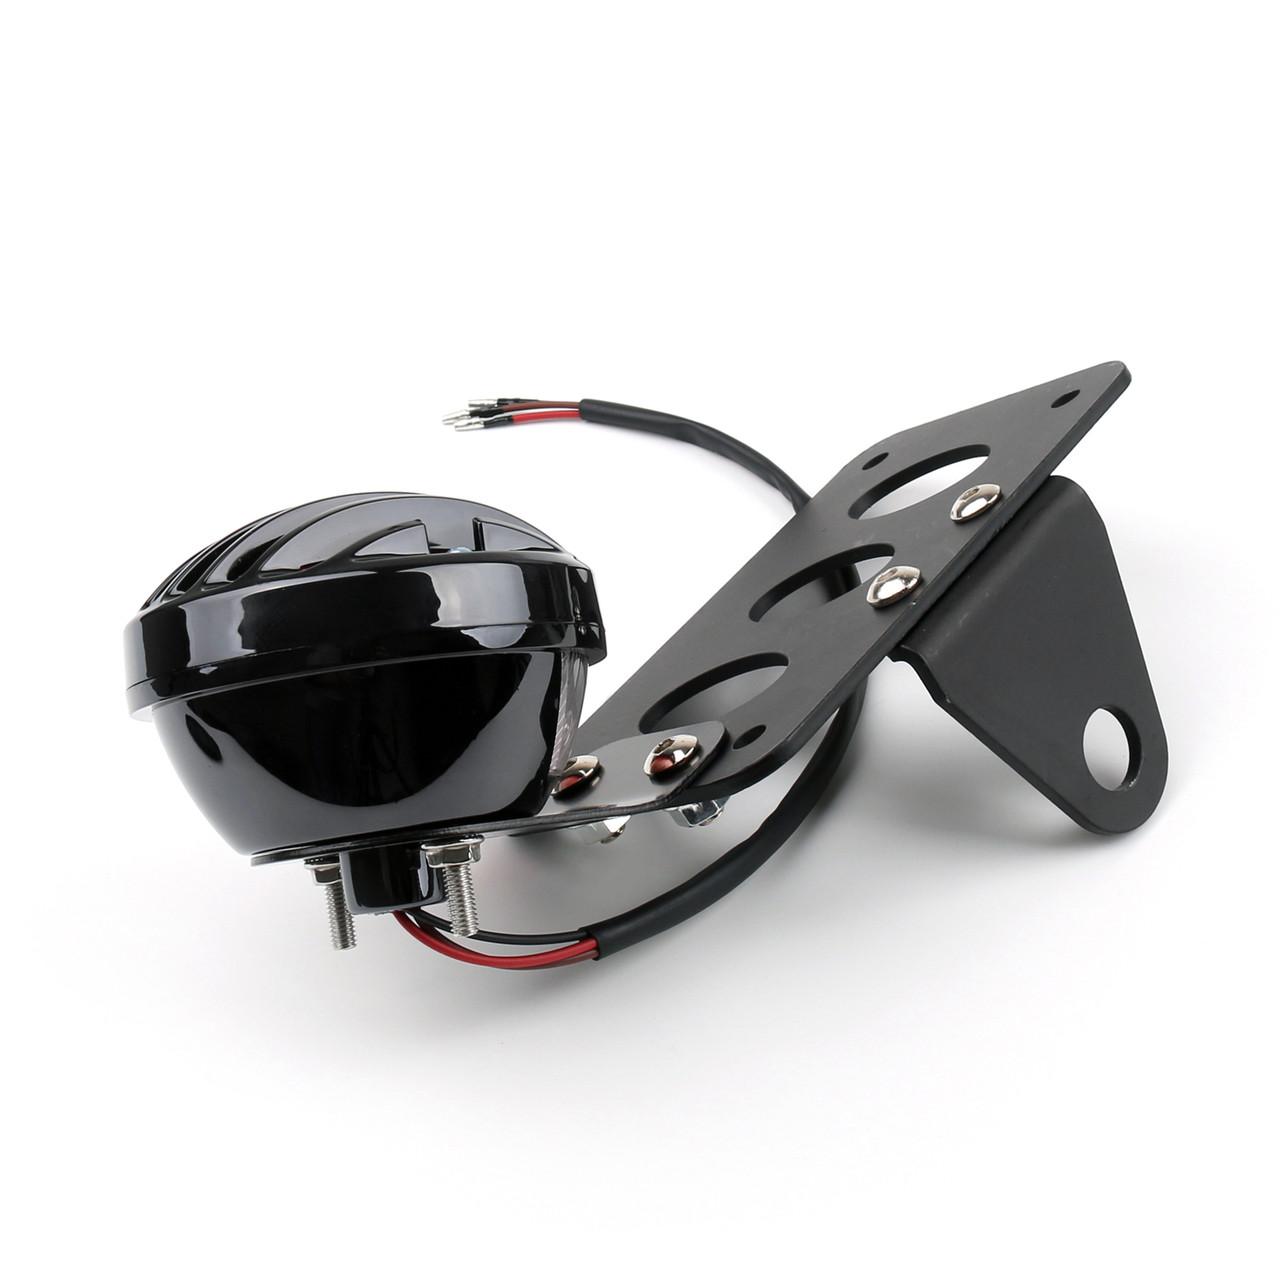 http://www.madhornets.store/AMZ/MotoPart/FE%20SERIES/FE-510/FE-510-Black-3.jpg